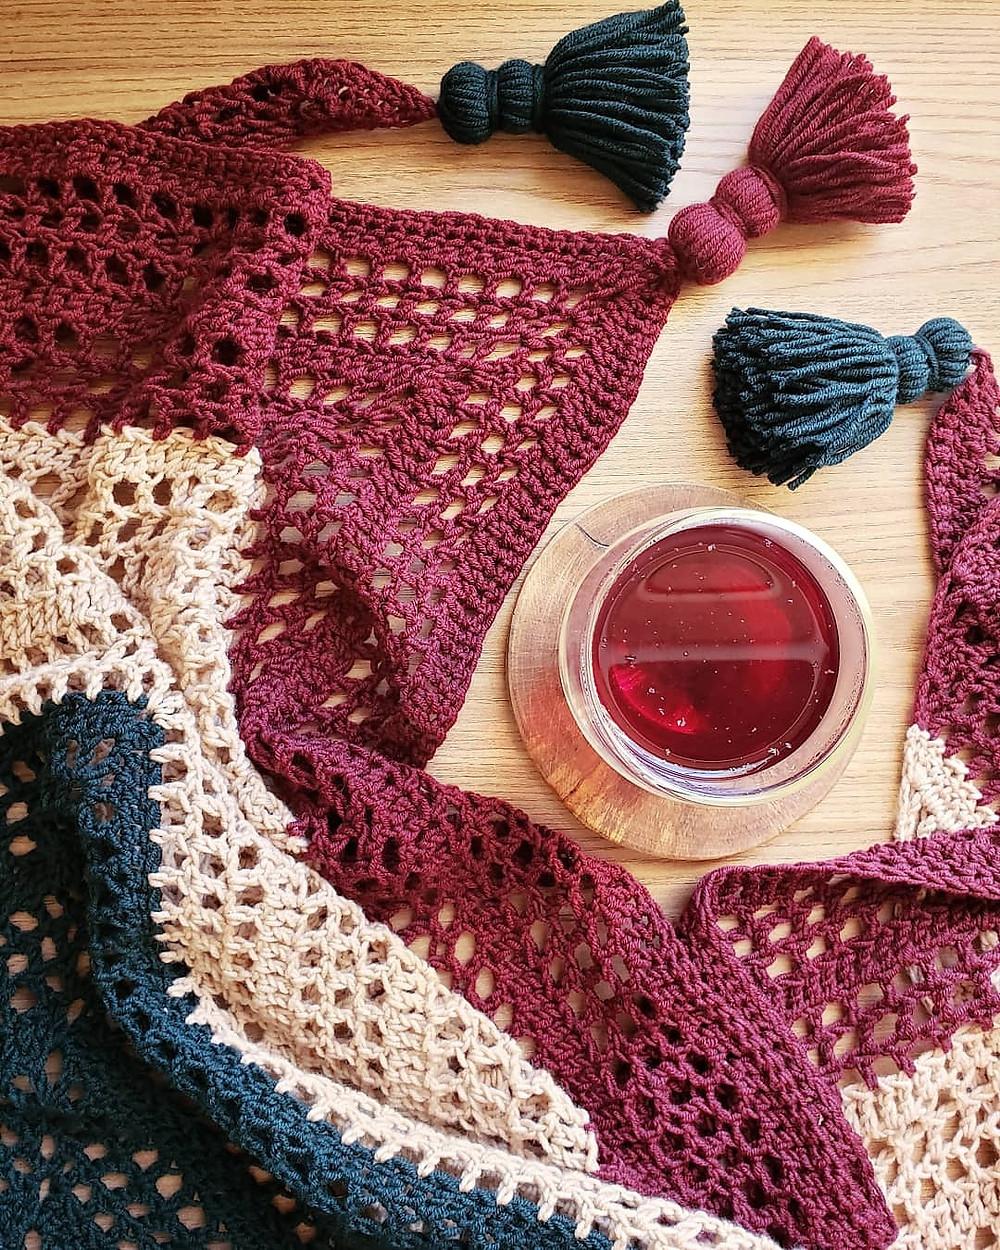 Xale de crochê em três cores e tassels com um copo de chá